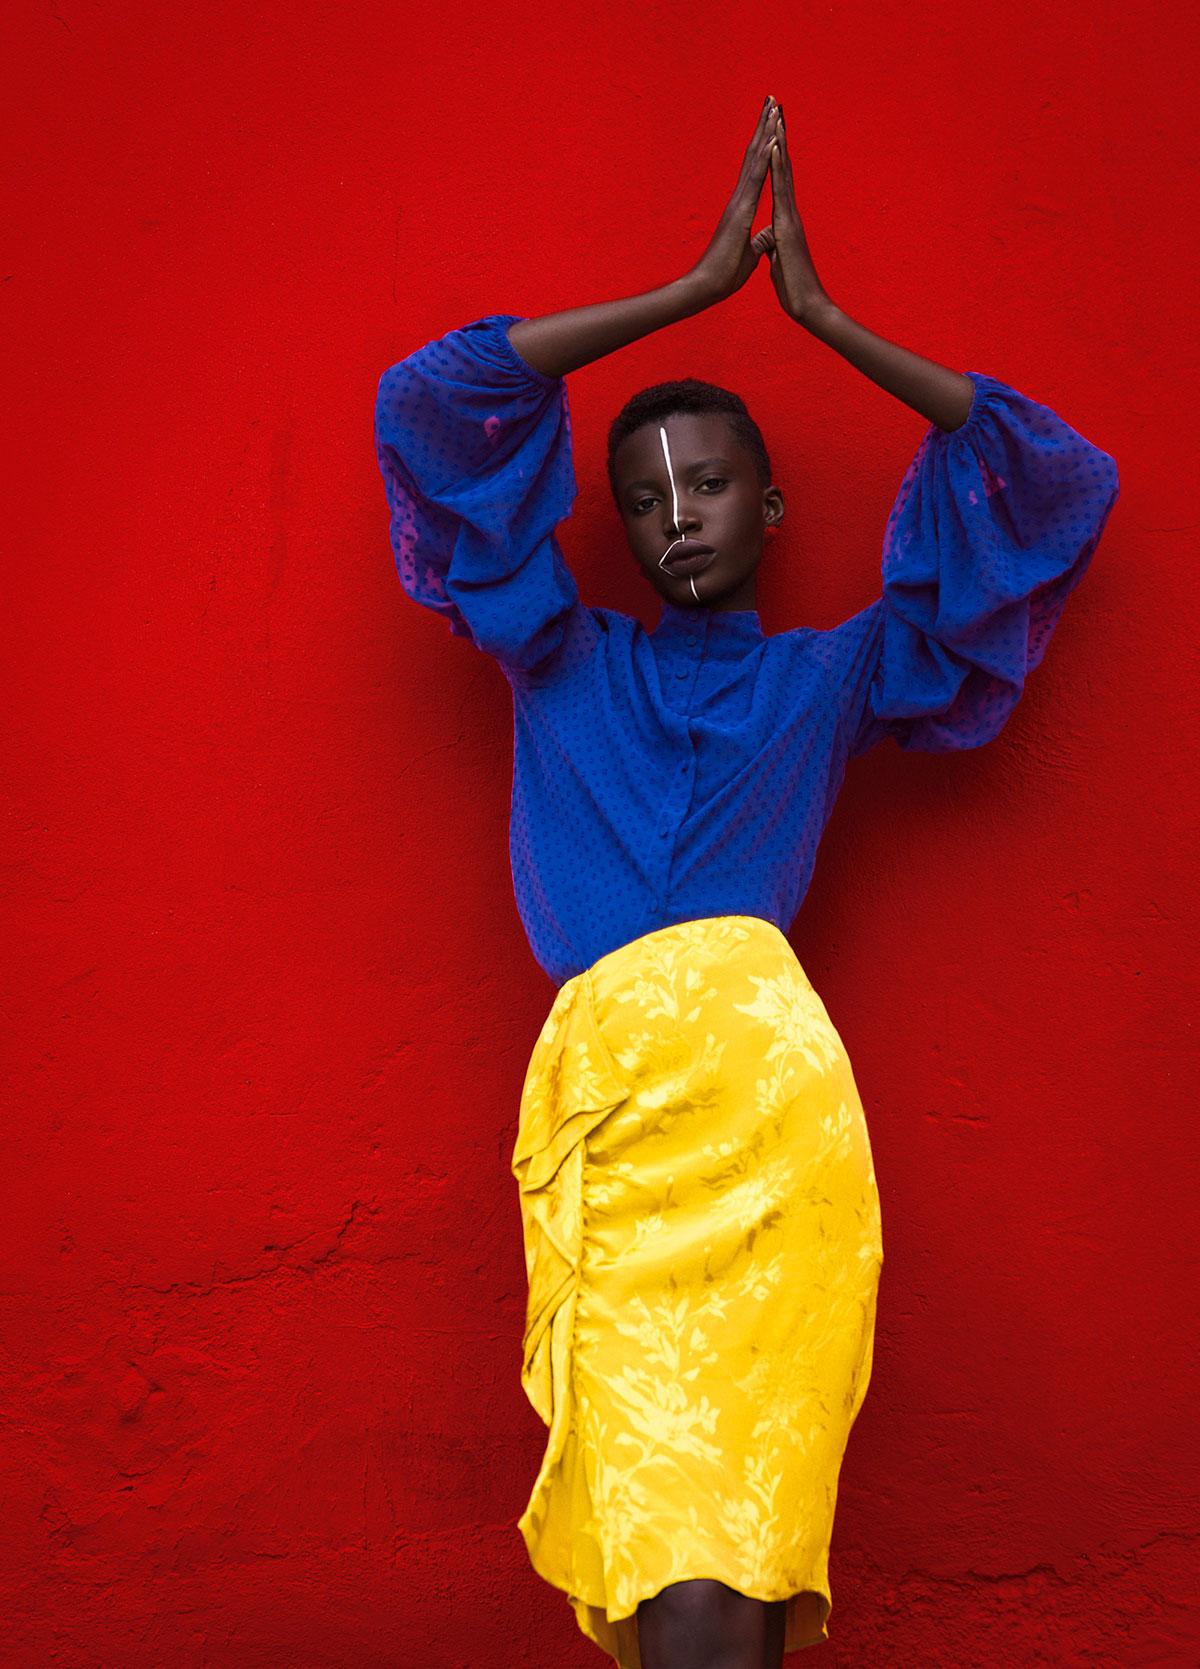 Ritratto di donna con gonna gialla e camicia blu davanti al muro rosso.